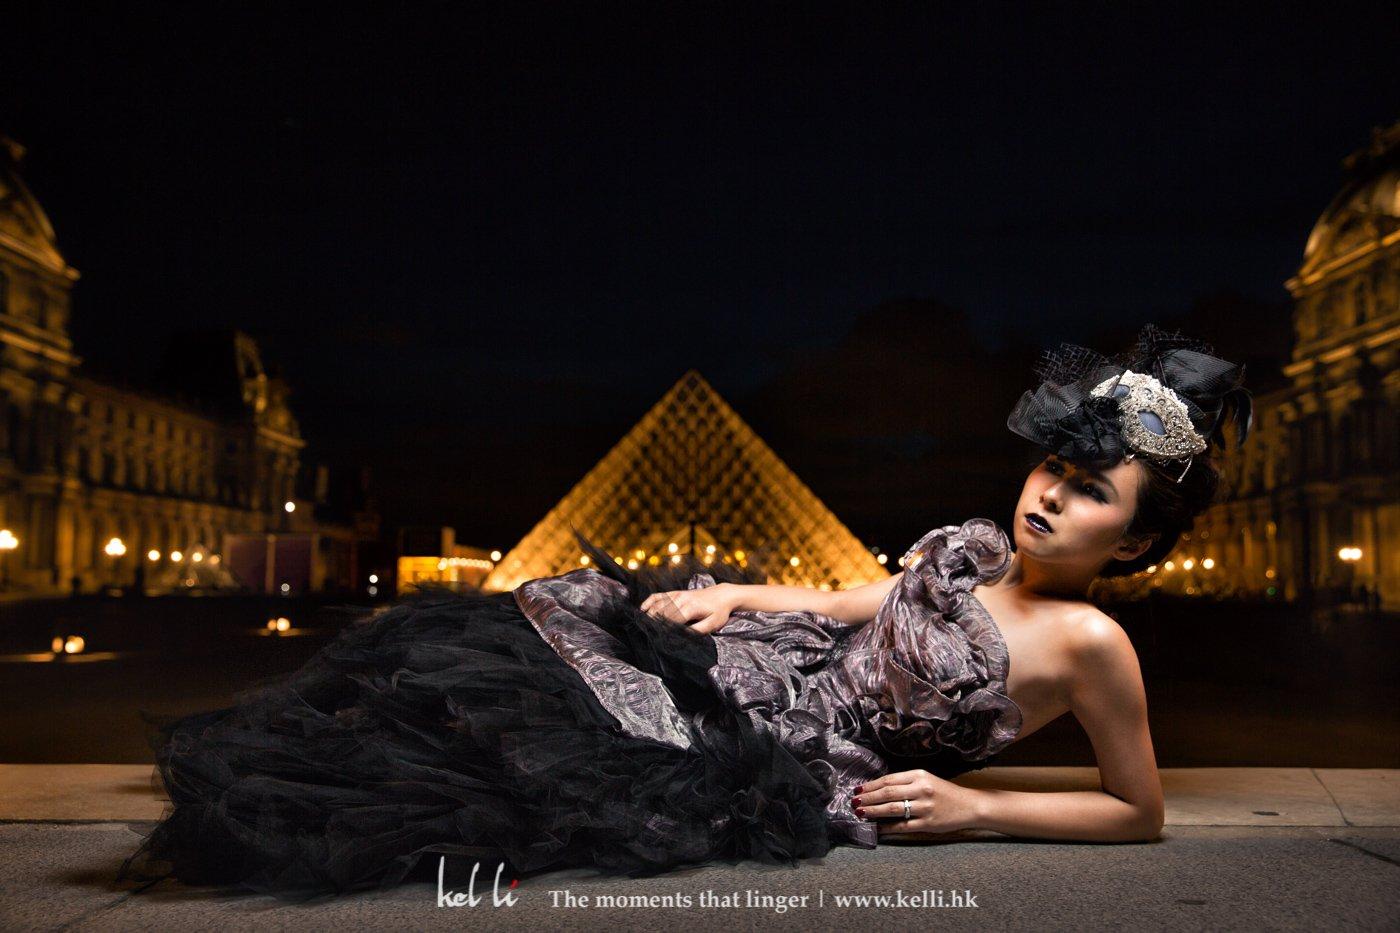 在海外婚紗拍攝,一天的造型可以是2-3個,,除了美美的造型,其實也可作不同的嘗試,令整輯相片更多元化